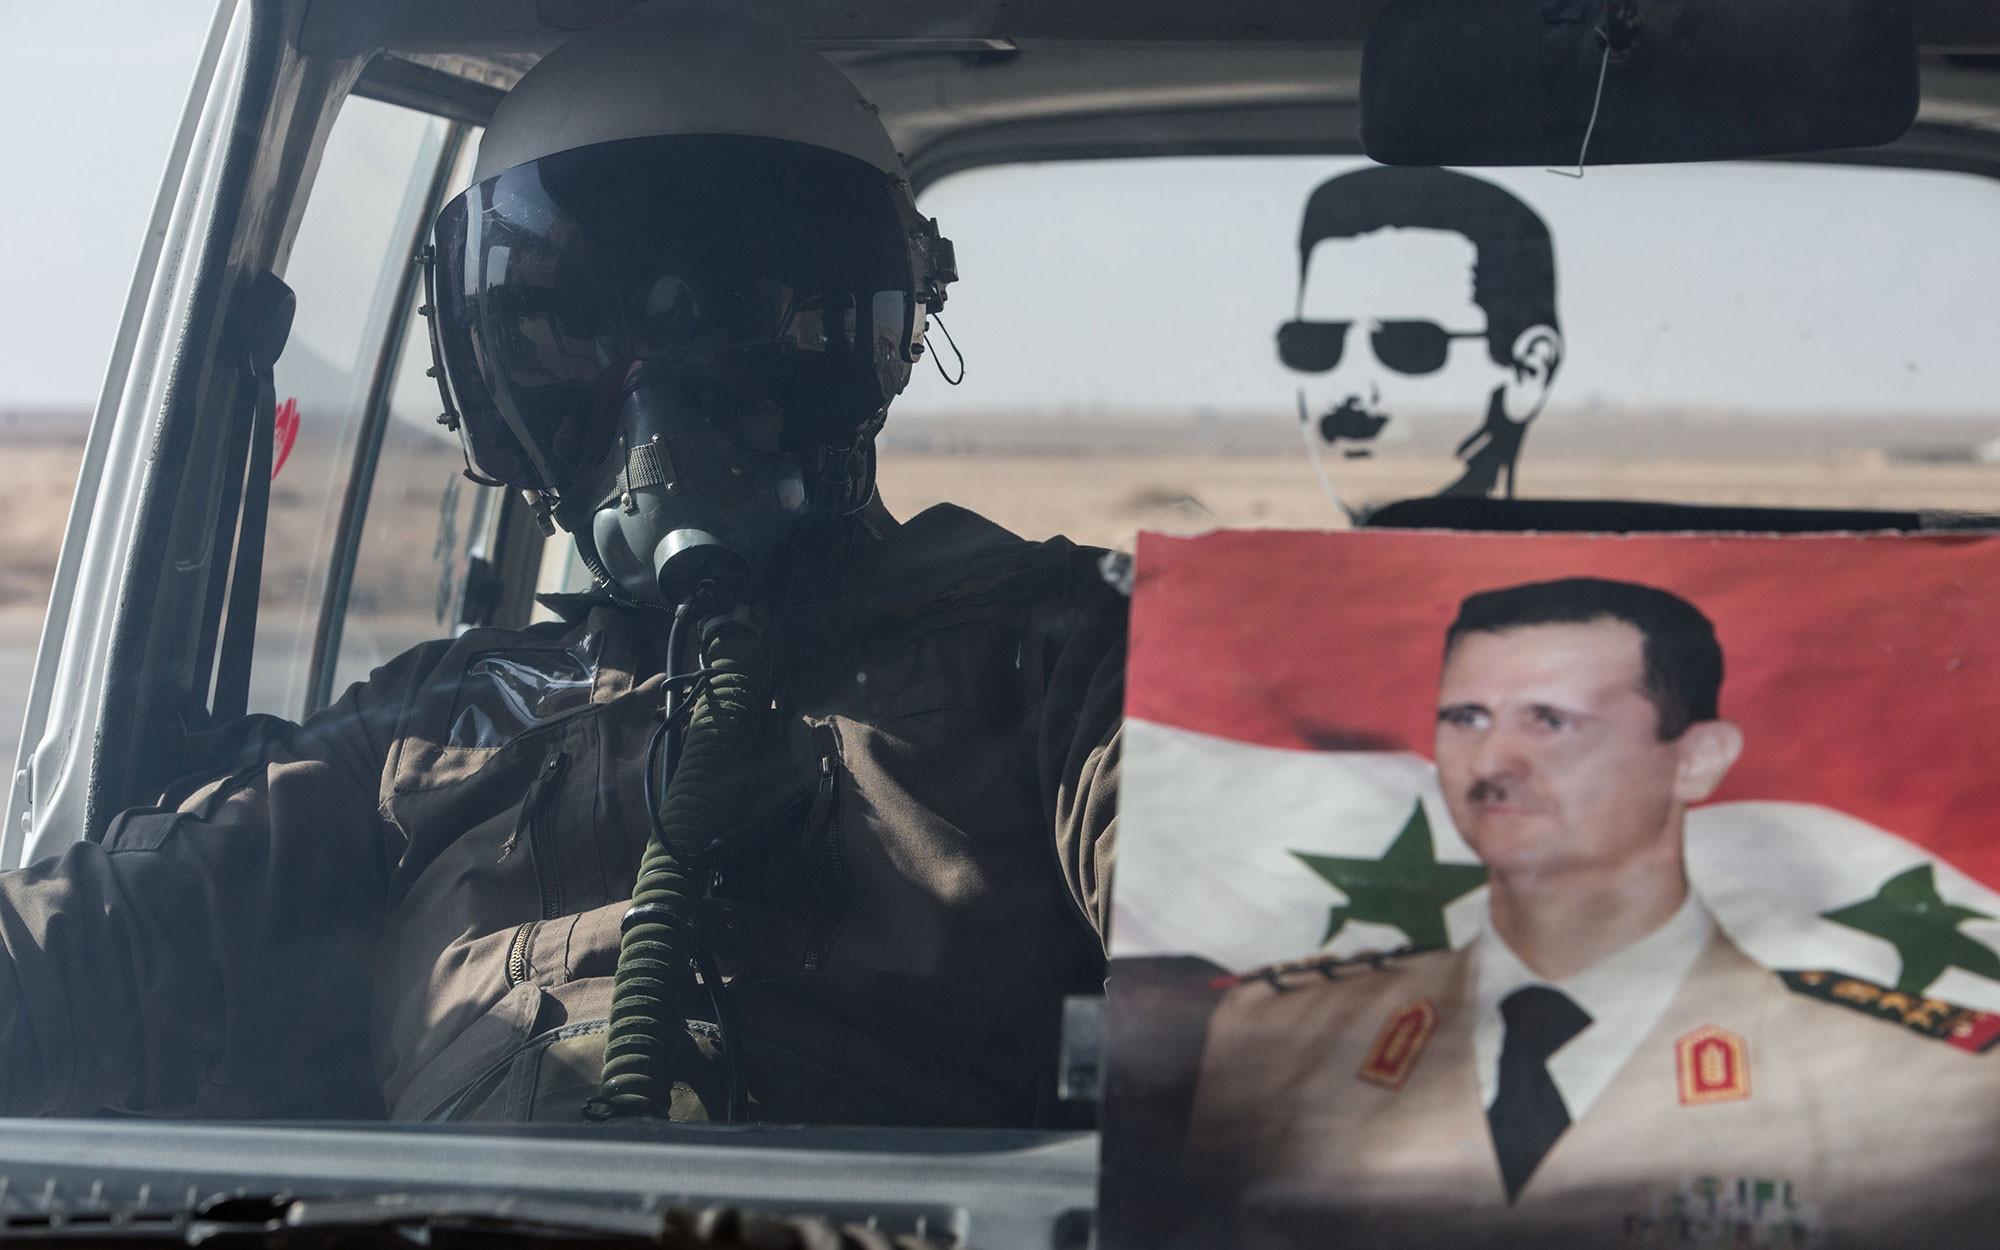 Лётчик ВВС сирийской армии в автомобиле на базе Военно-воздушных сил Сирии в провинции Хомс, 21 февраля 2016 года. Фото: © РИА Новости / Илья Питалев